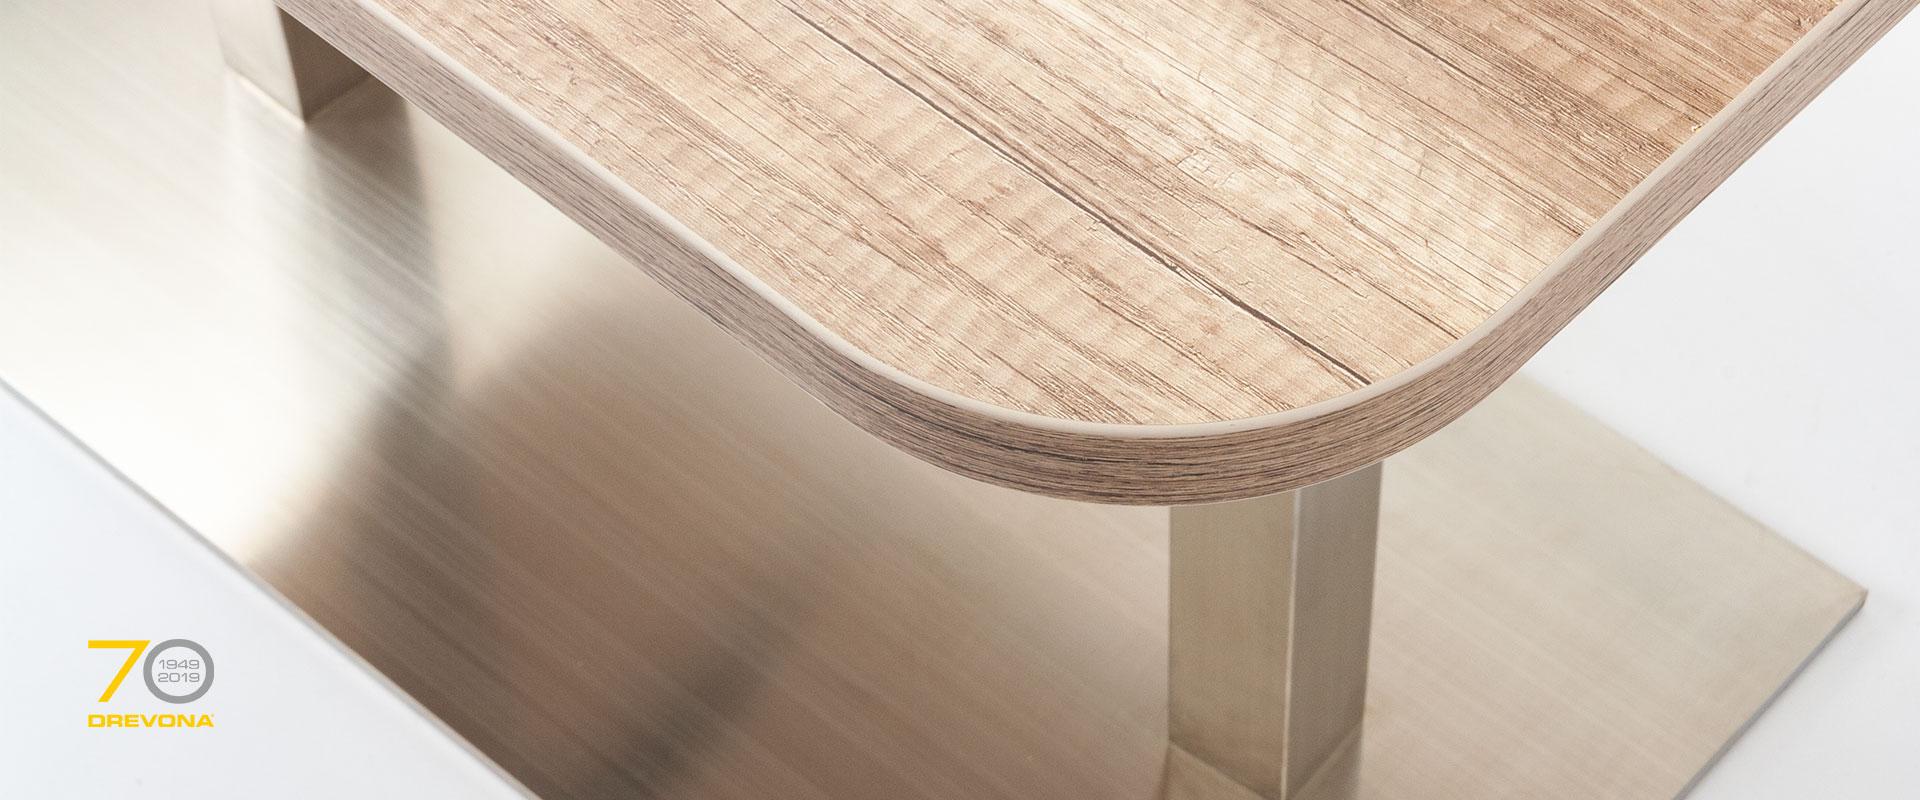 Barové stoly - slide 1